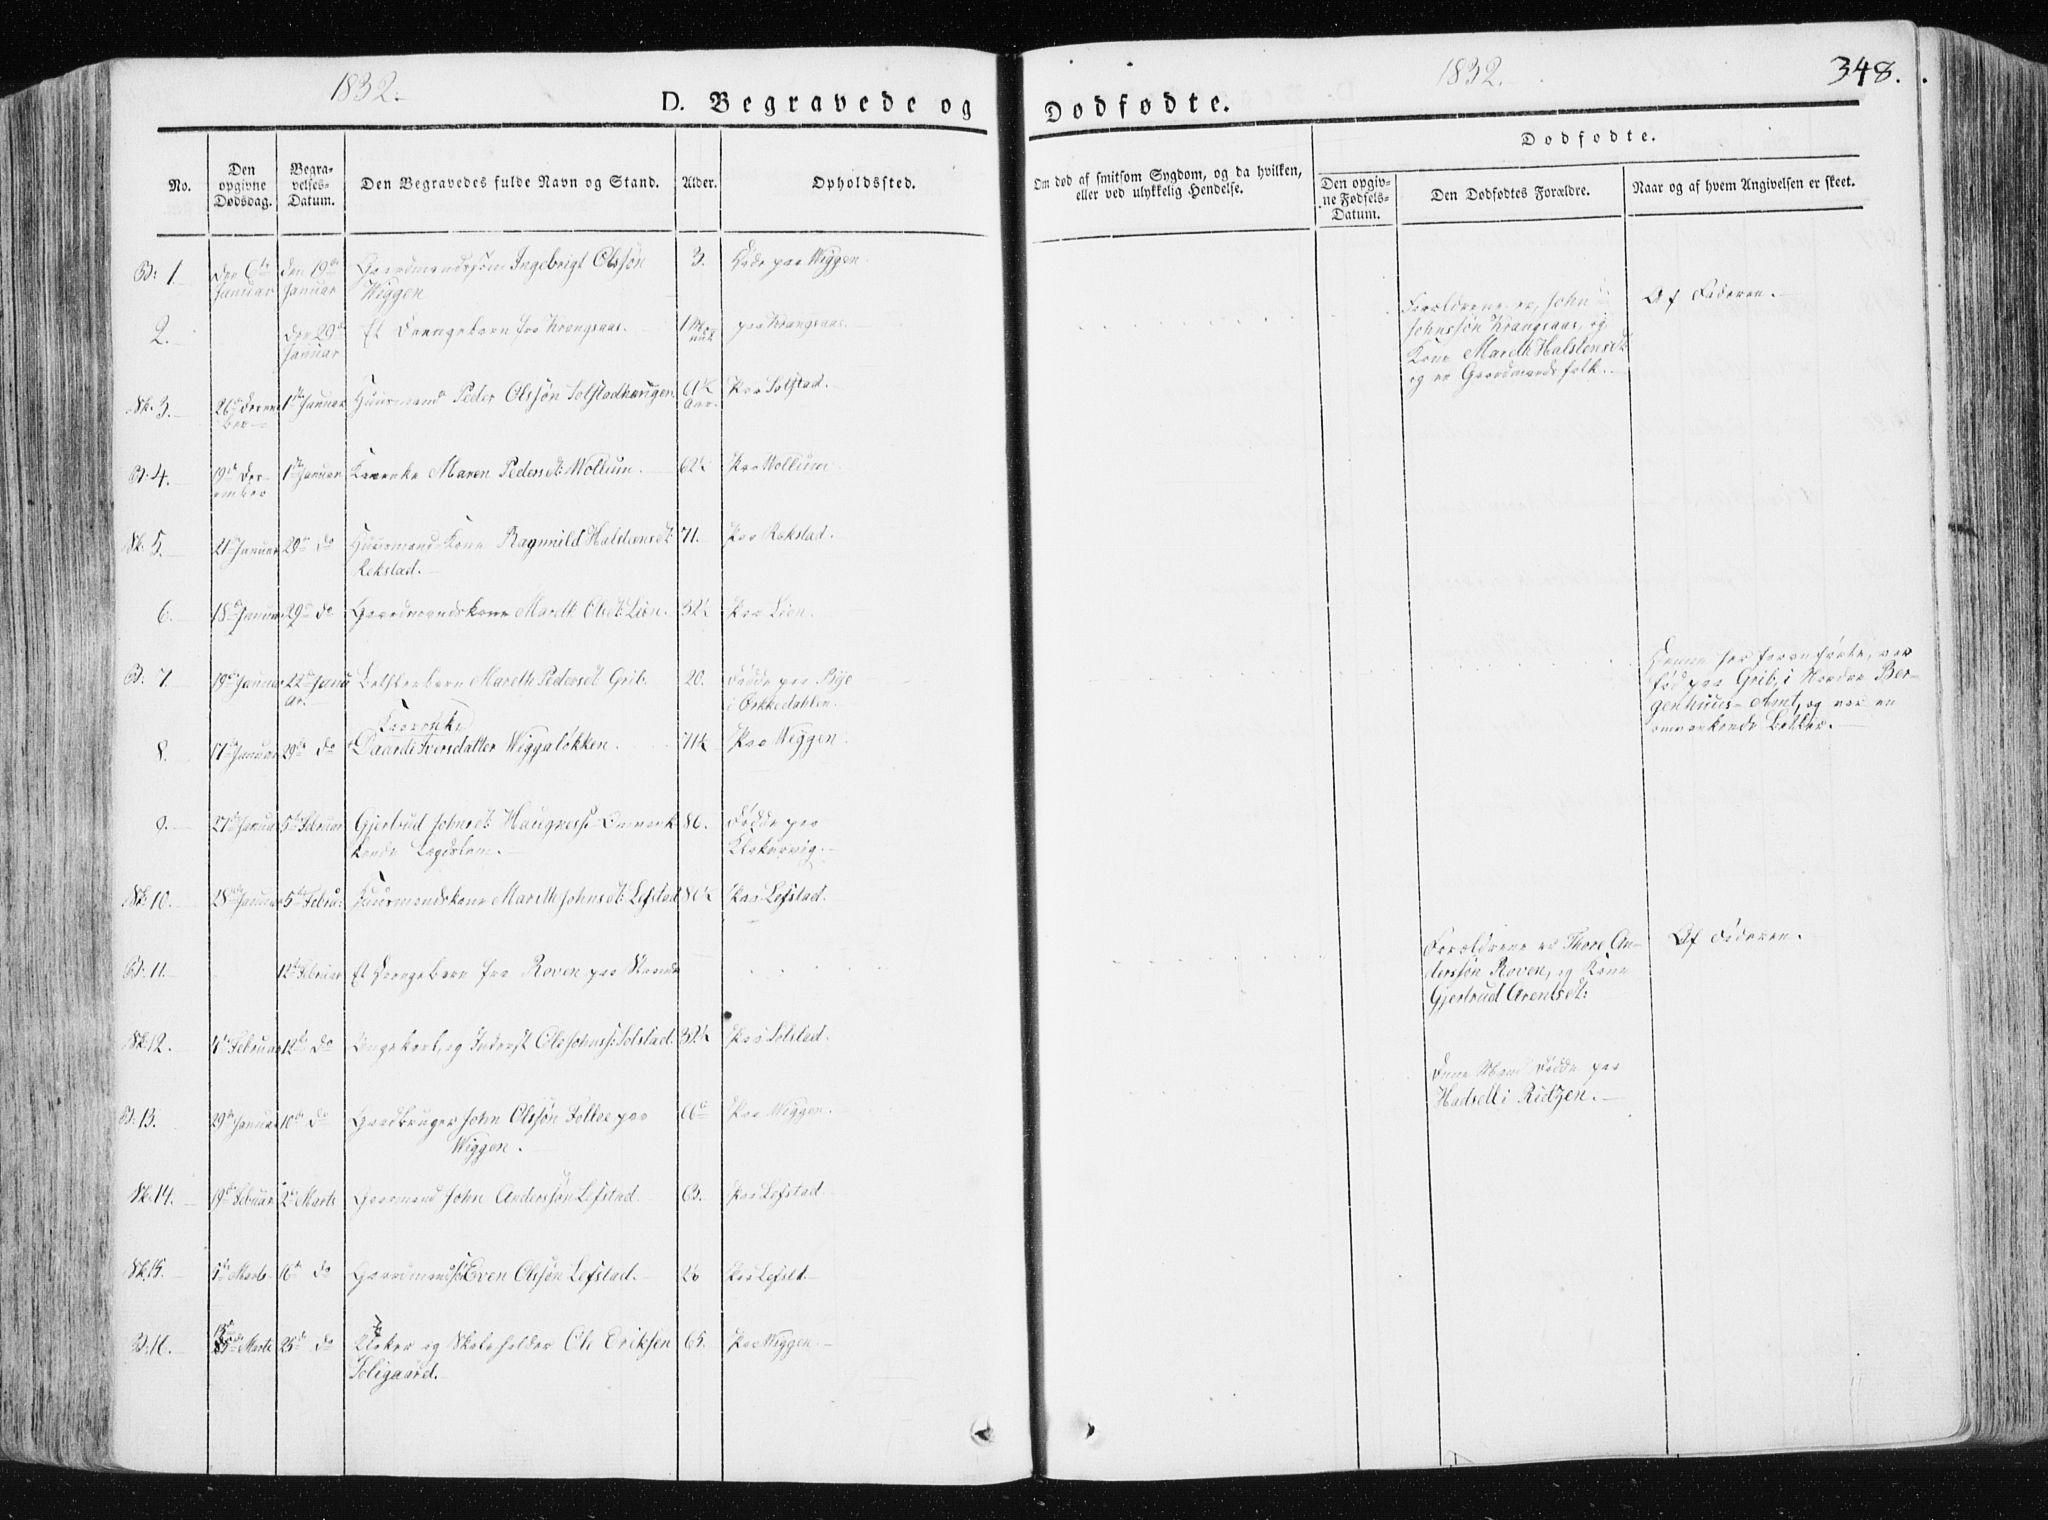 SAT, Ministerialprotokoller, klokkerbøker og fødselsregistre - Sør-Trøndelag, 665/L0771: Ministerialbok nr. 665A06, 1830-1856, s. 348